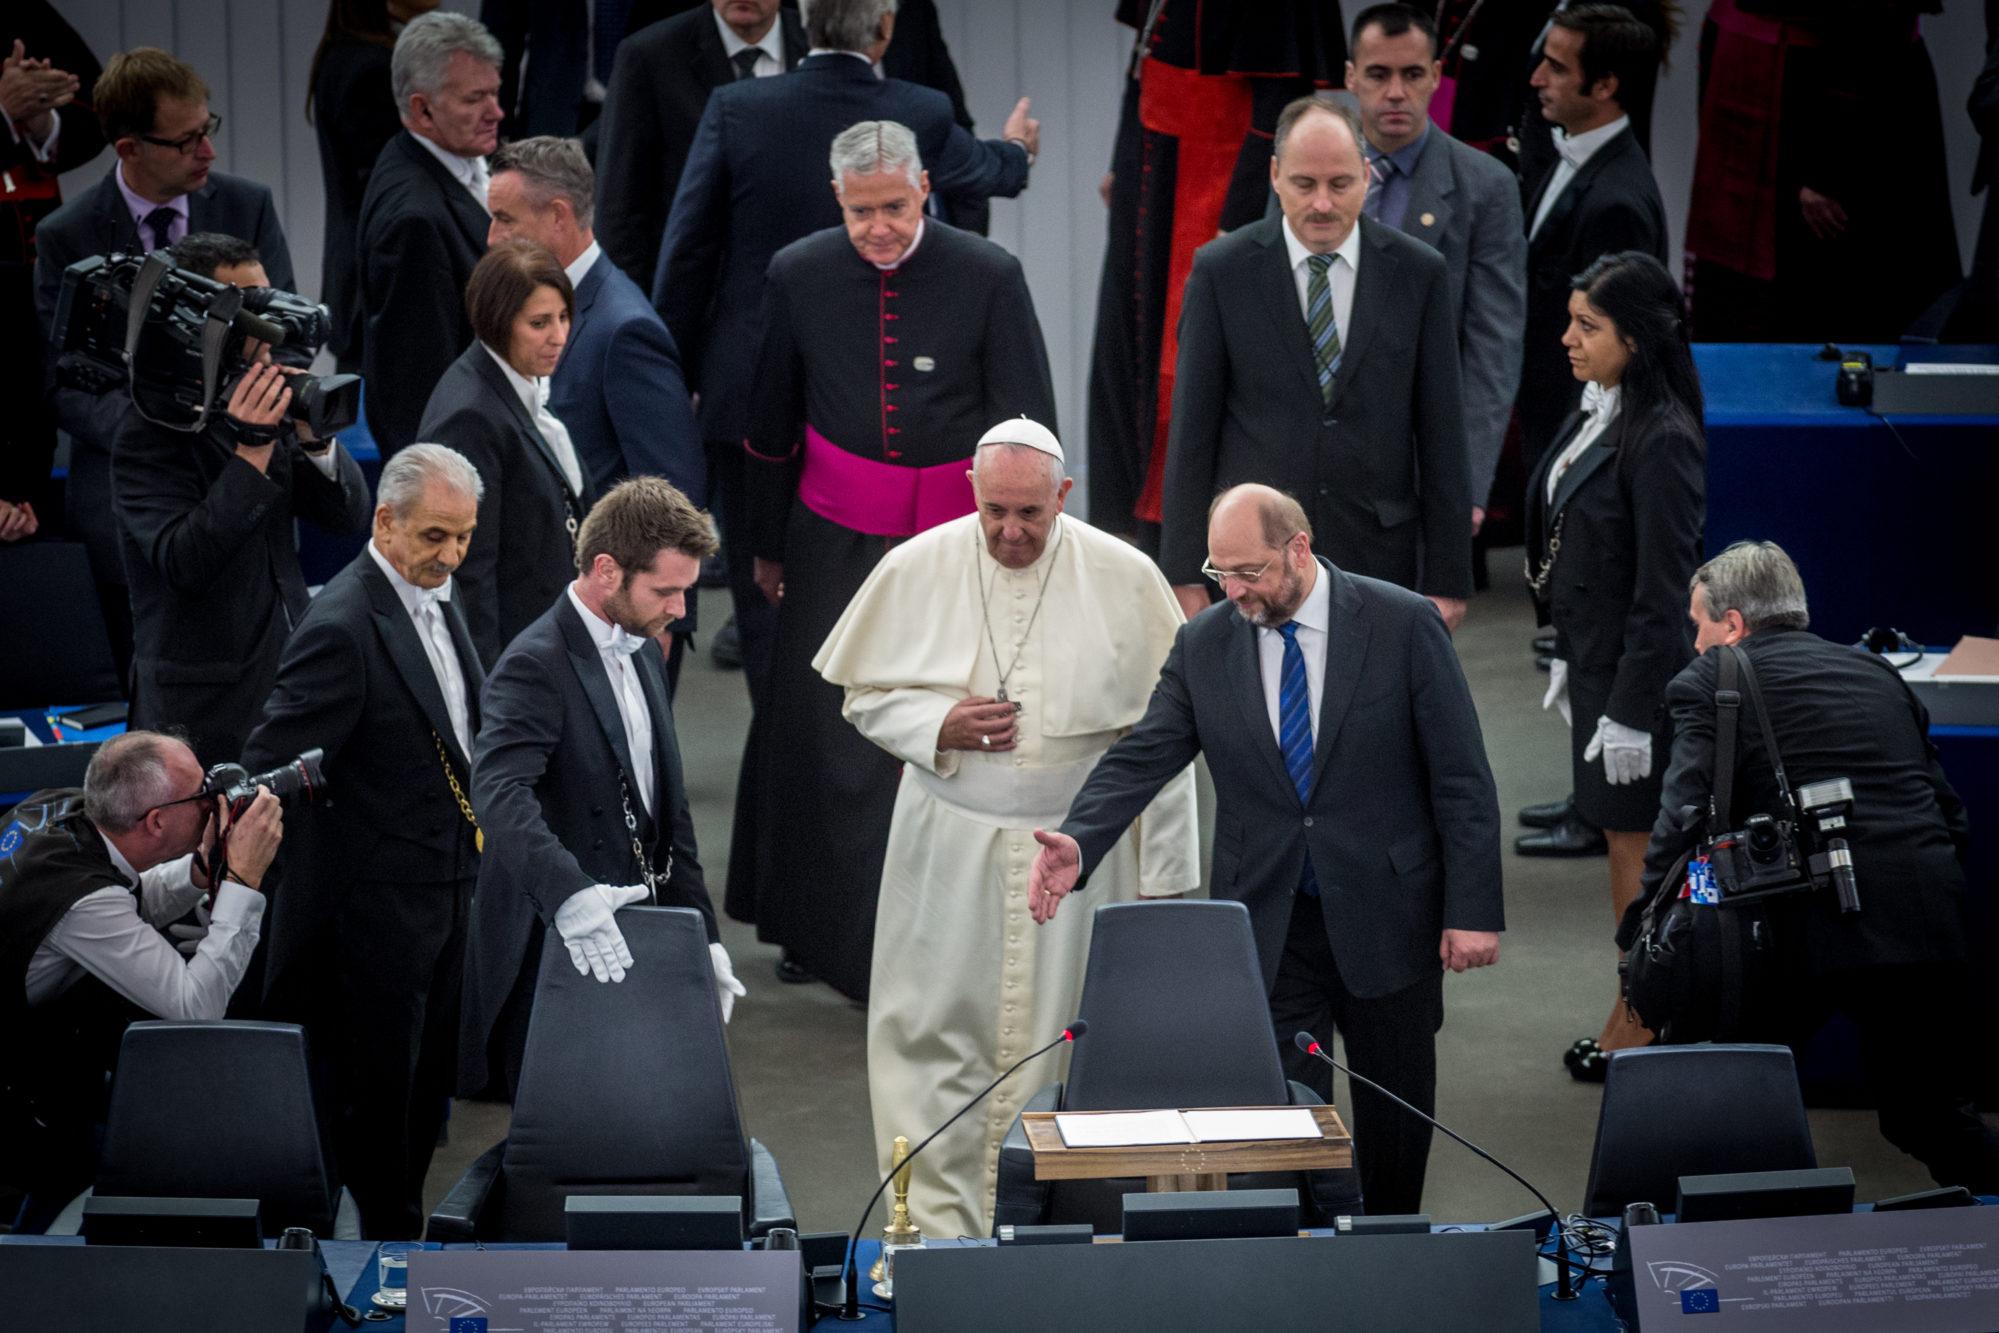 Le pape François au parlement européen en 2014